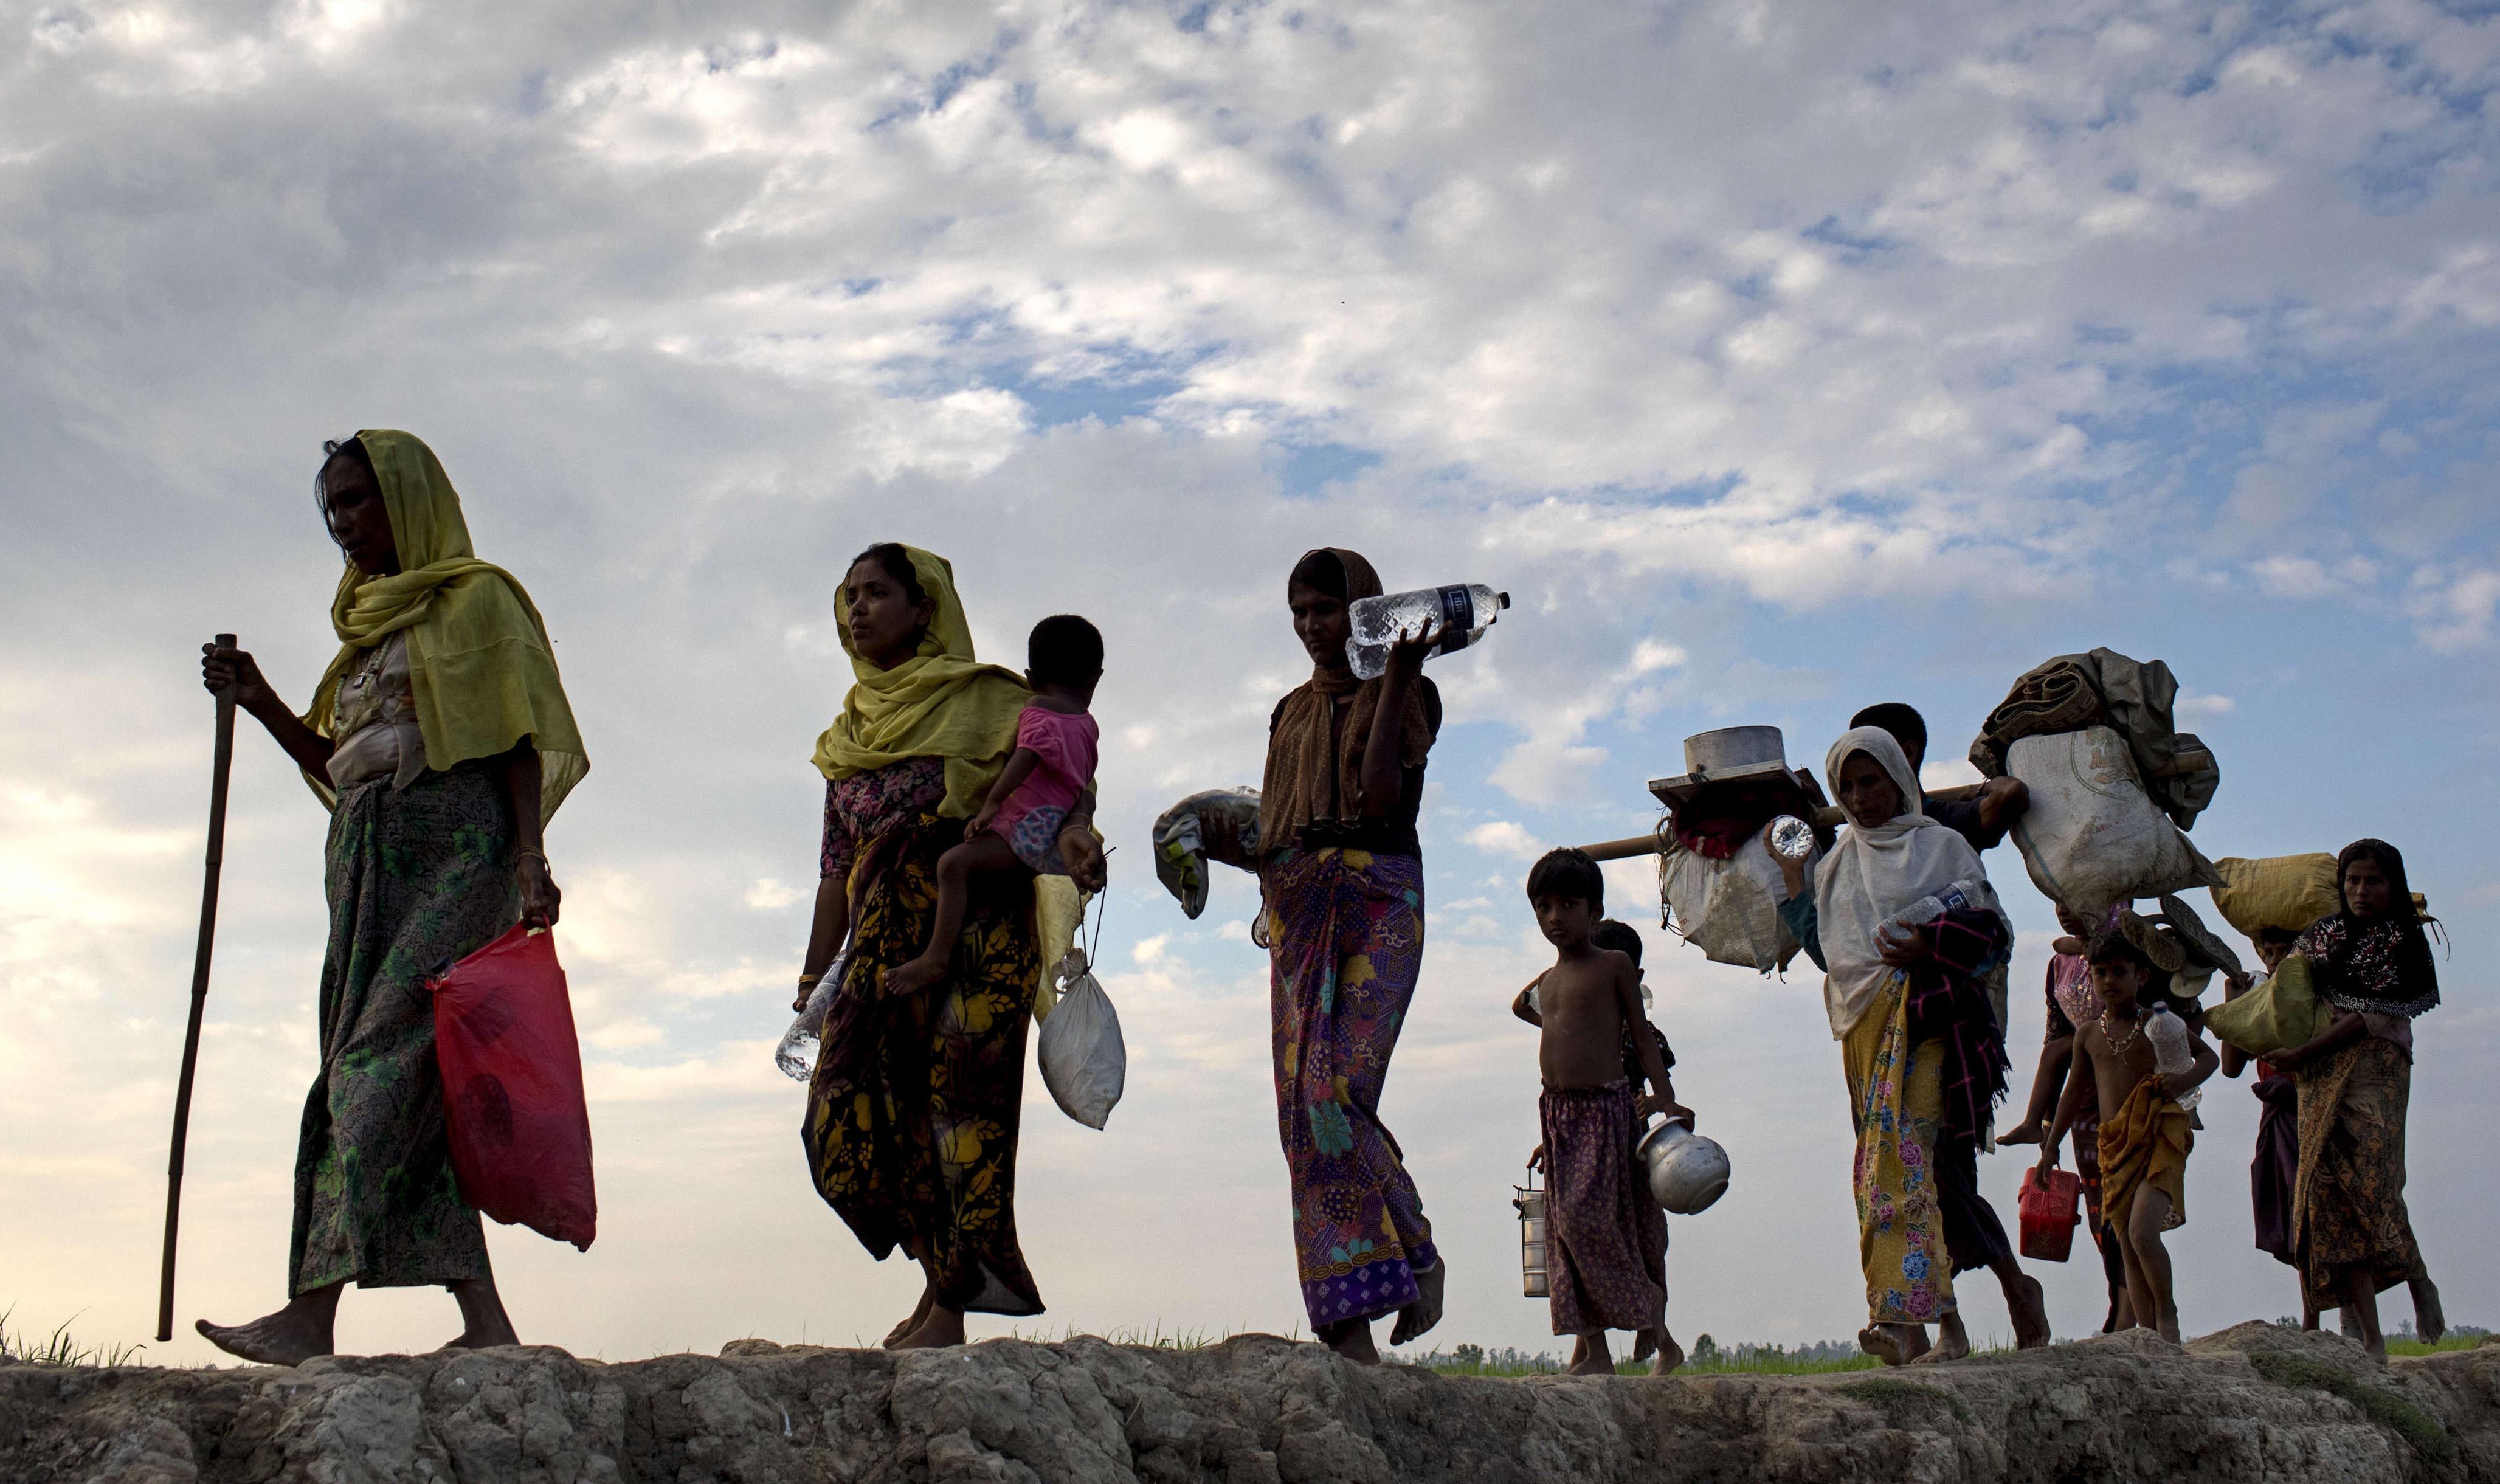 Myanmar: Rohingya returns unthinkable until apartheid